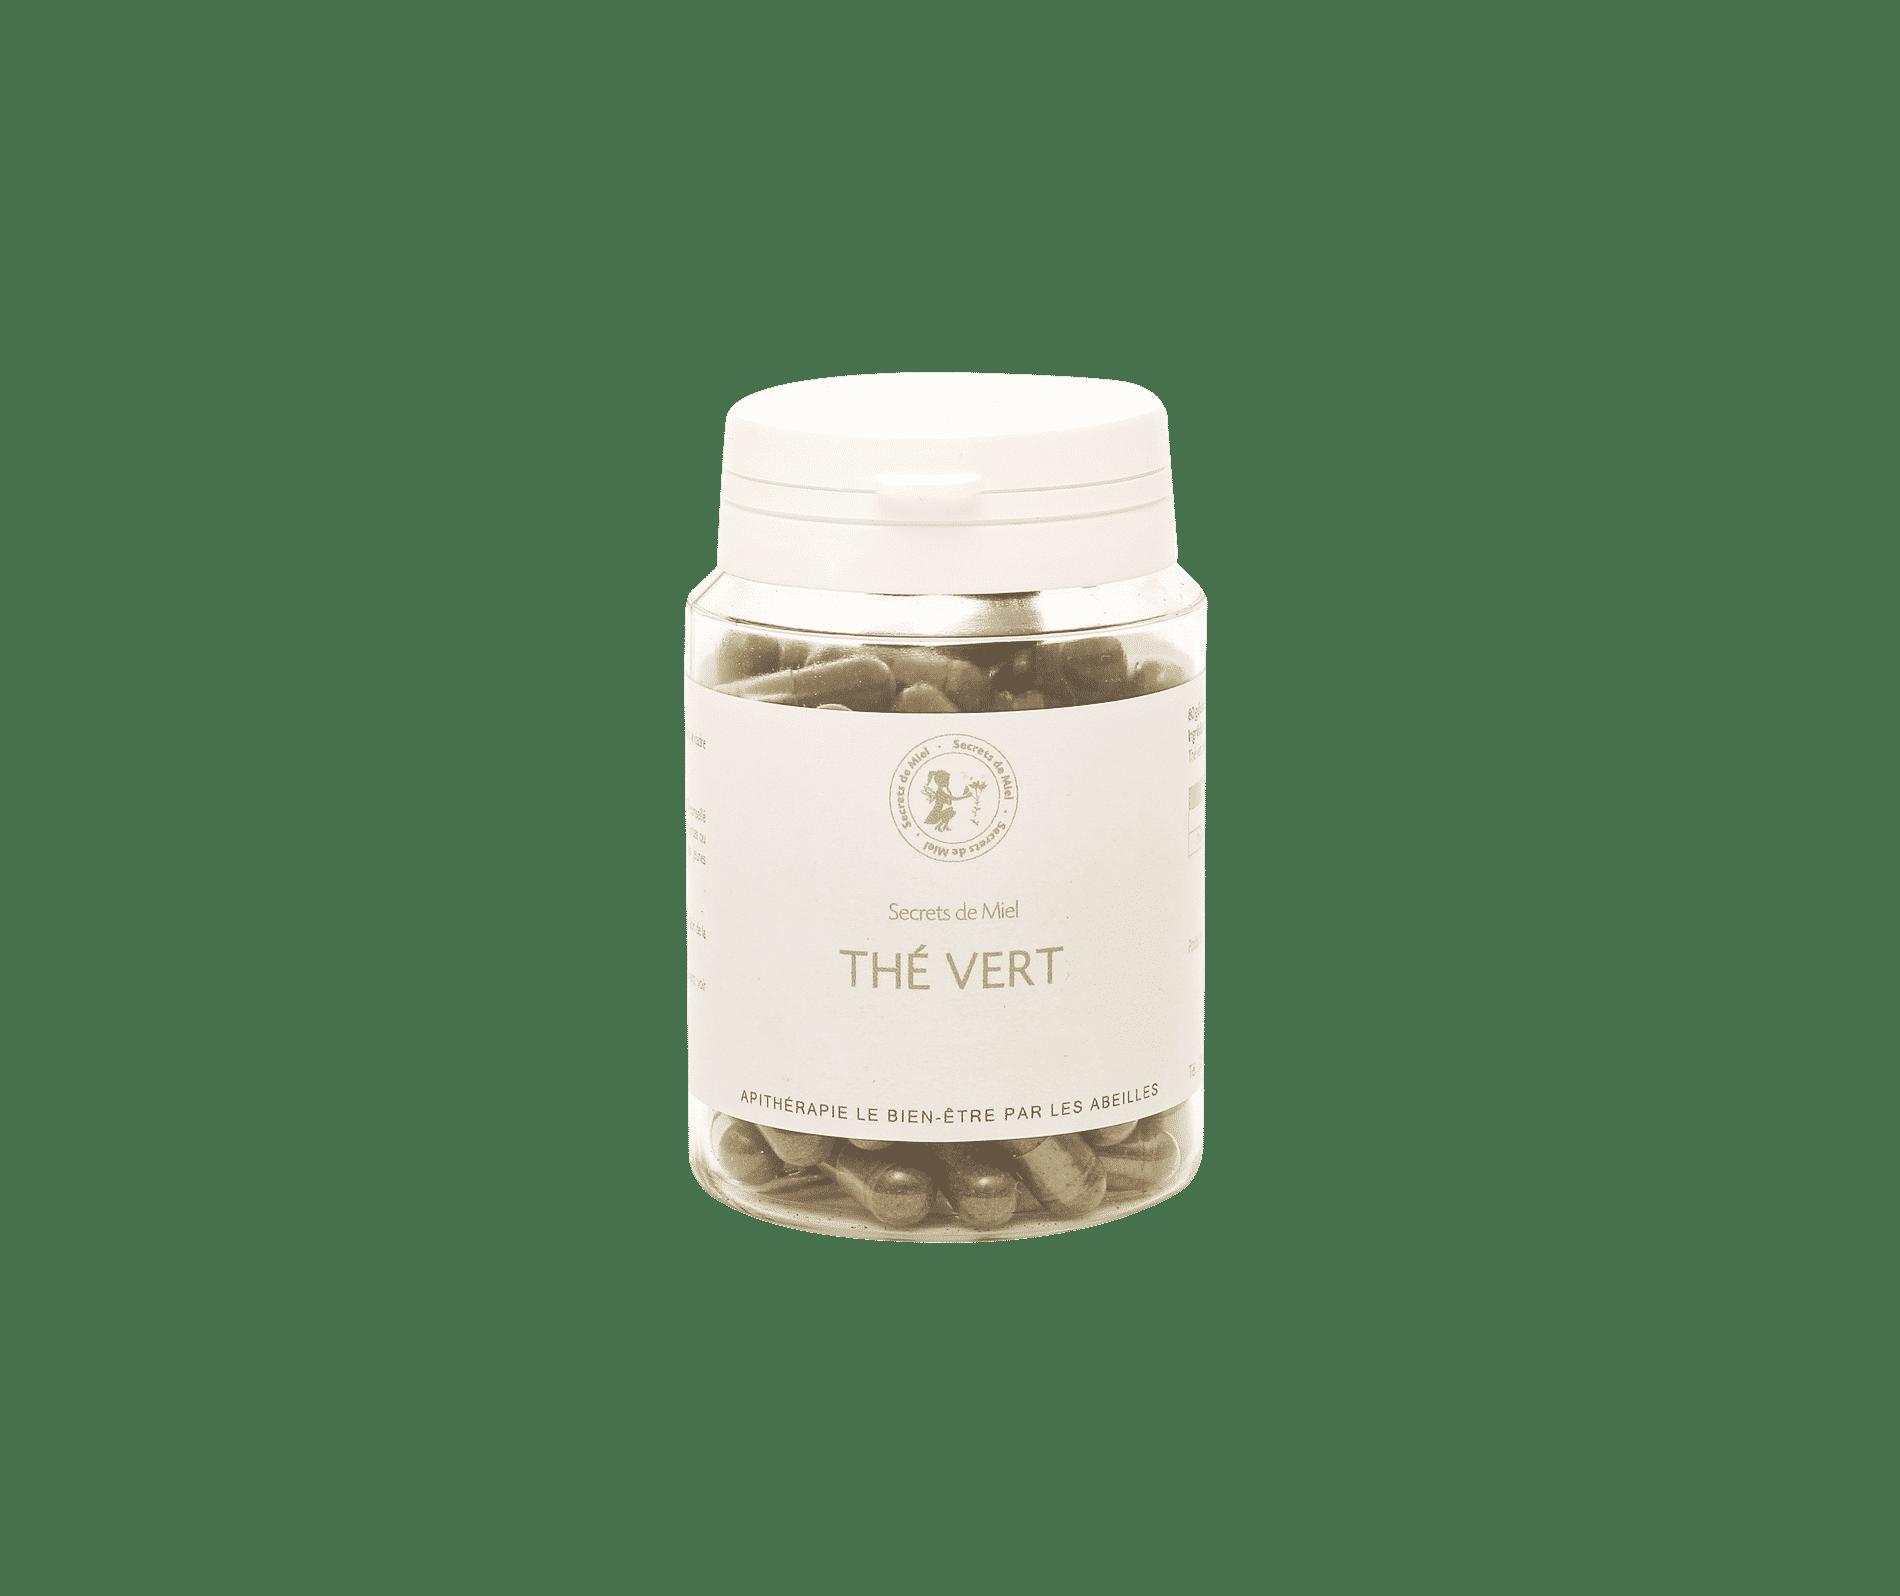 Gélules de Thé vert - Antioxydant - Stimulant - Perte de poids - Elimination de l'eau - Aide à dynamiser son organisme - Plantes - Produit naturel - Secrets de Miel